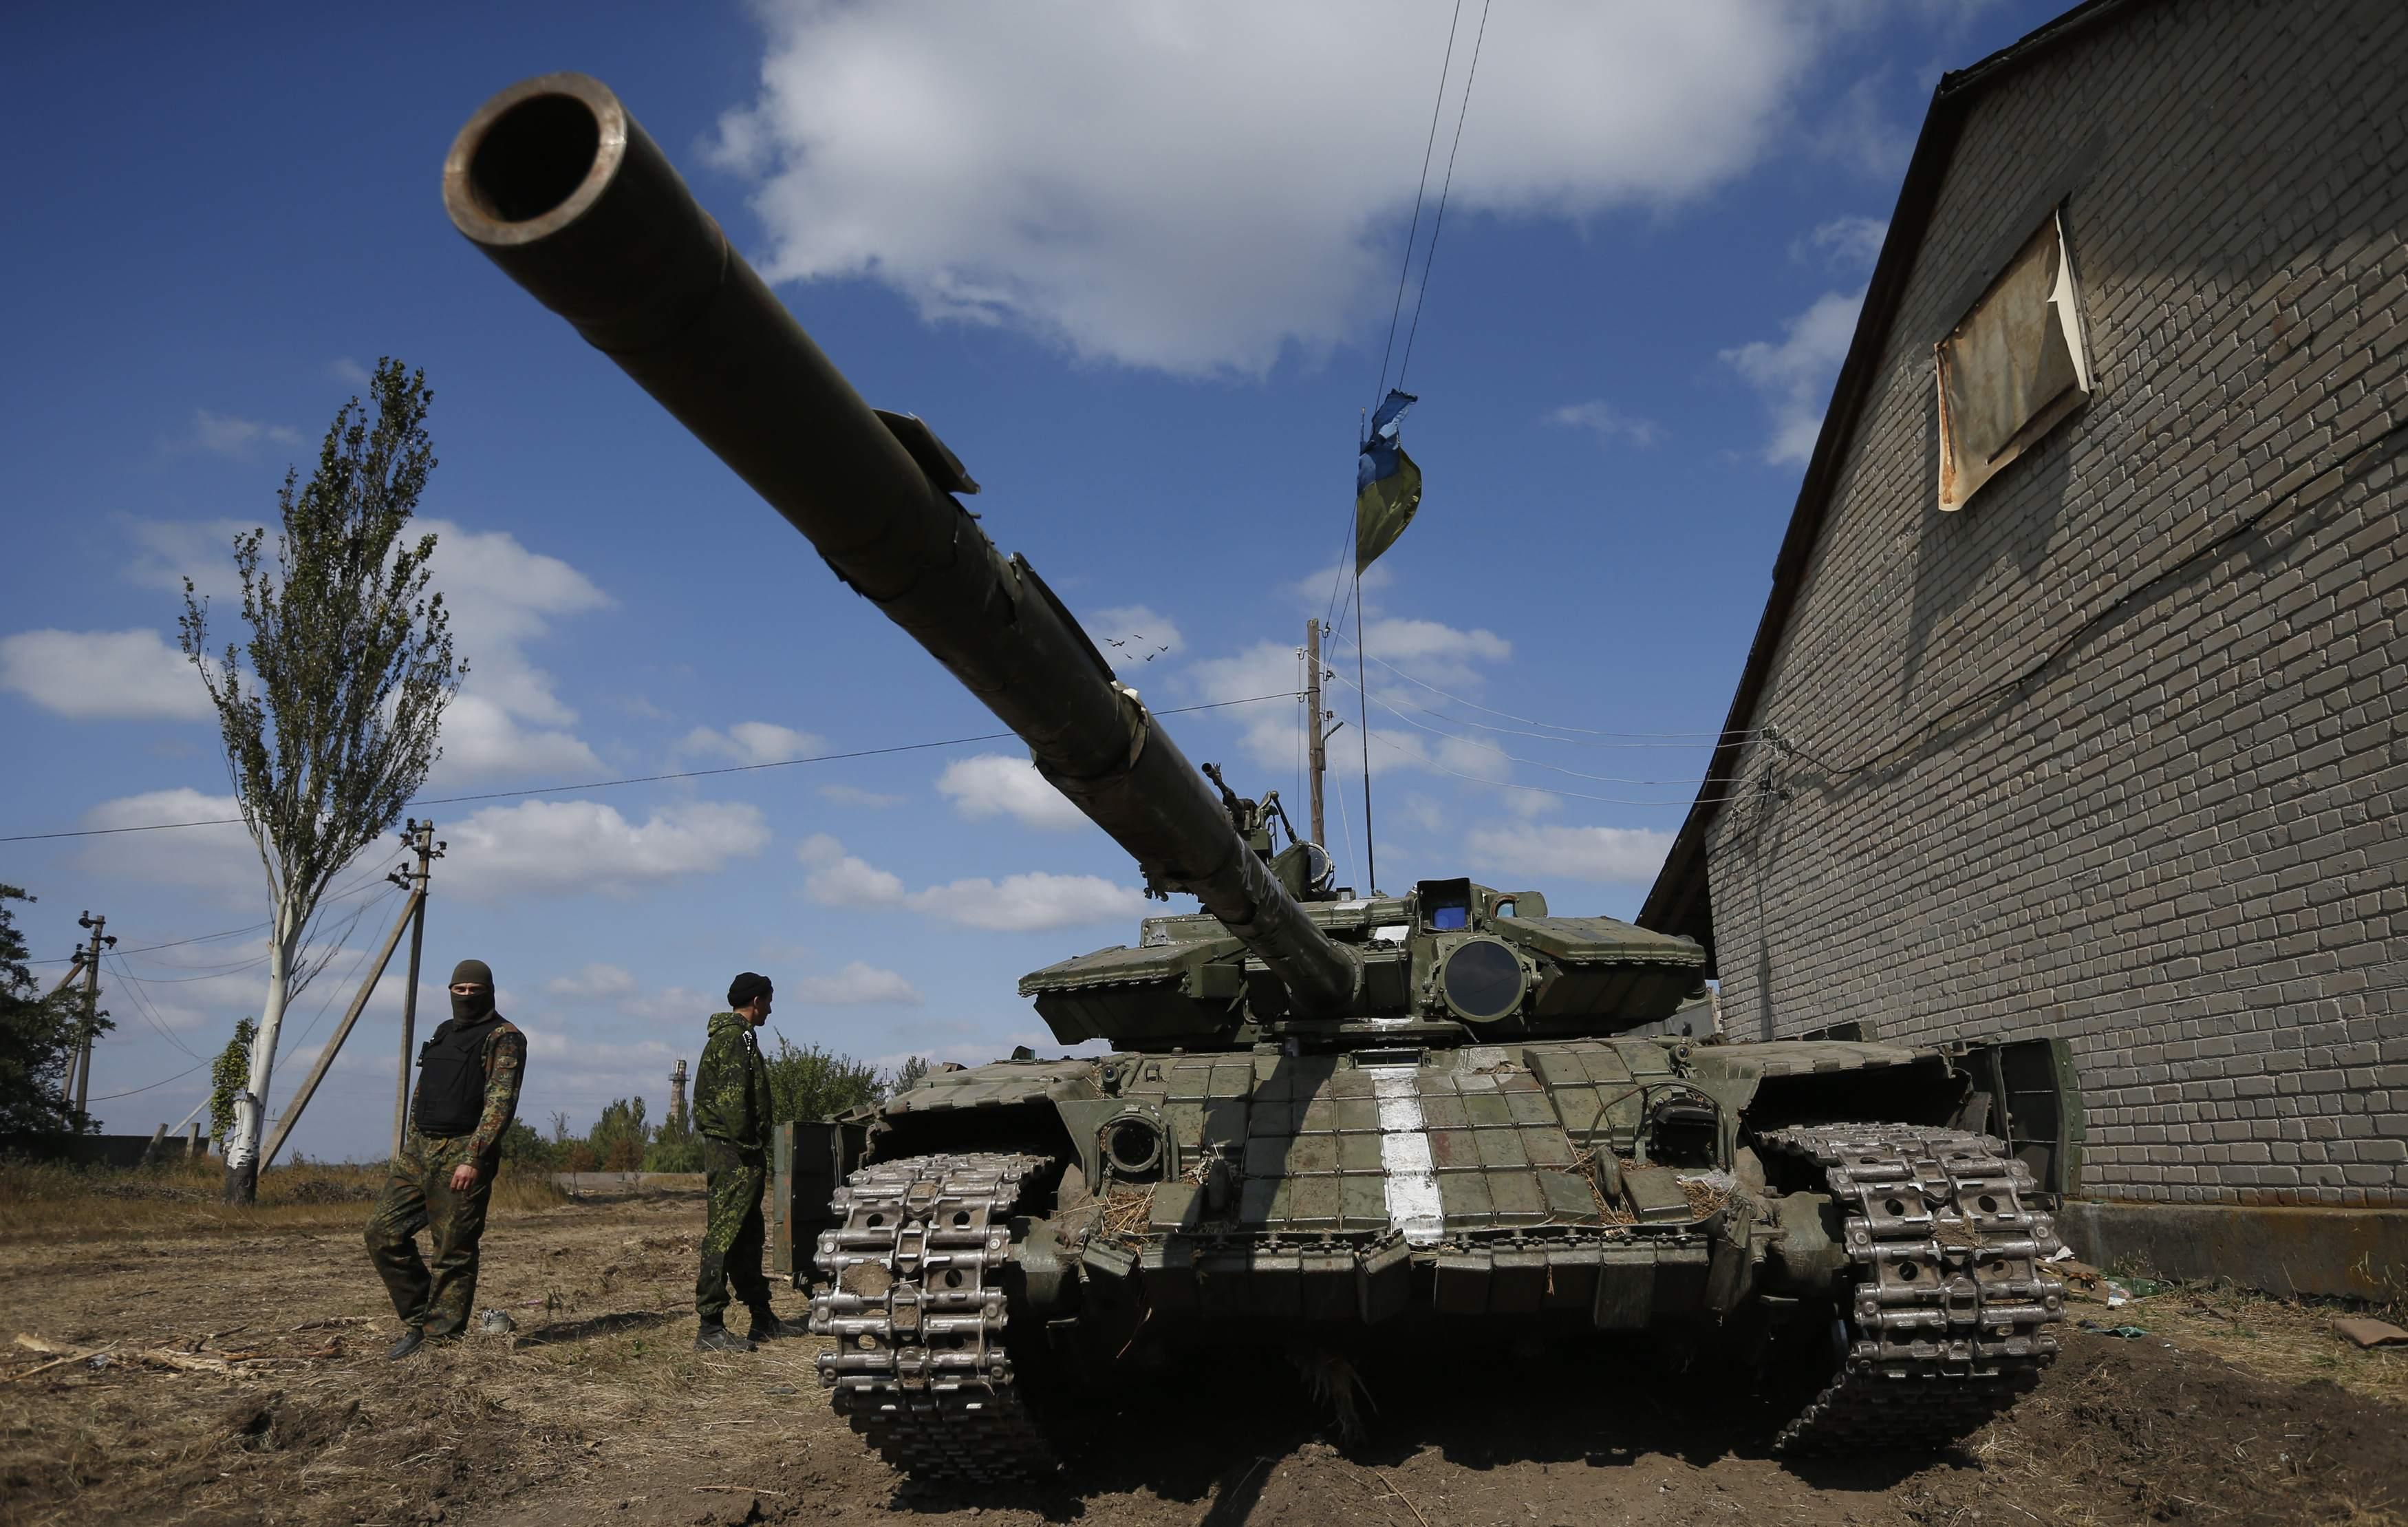 Украинская бронетехника на Донбасе, иллюстрация